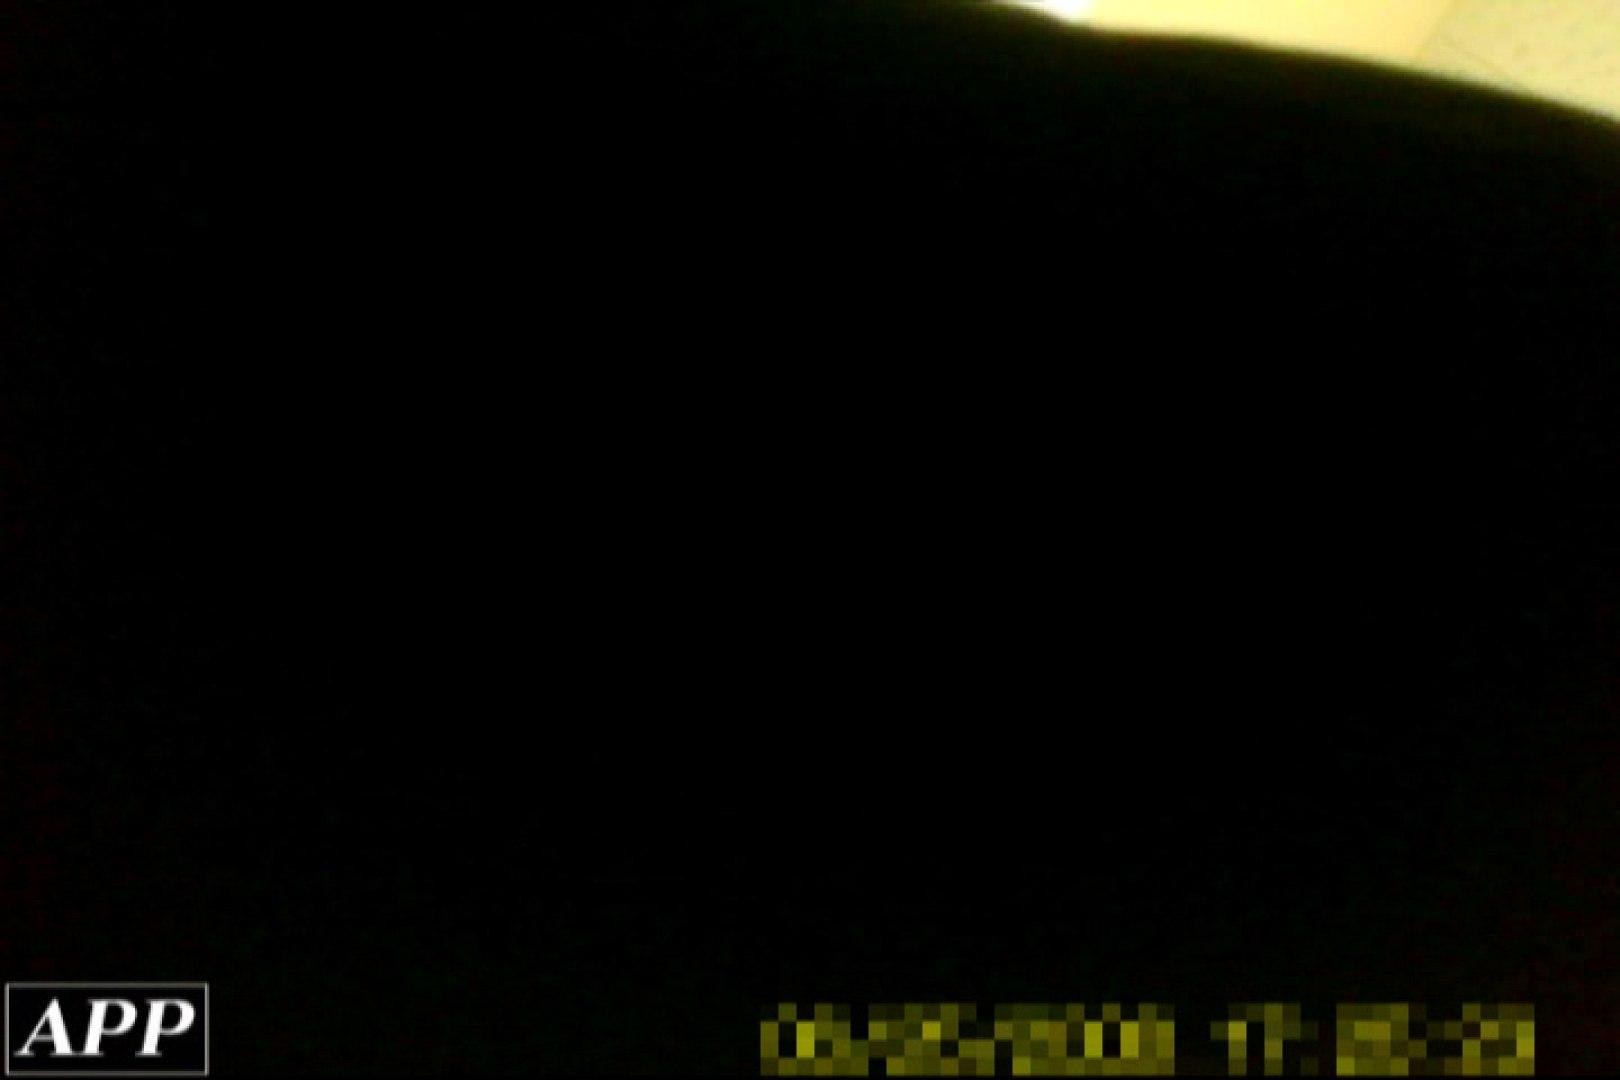 3視点洗面所 vol.75 肛門から・・ 盗み撮り動画 110枚